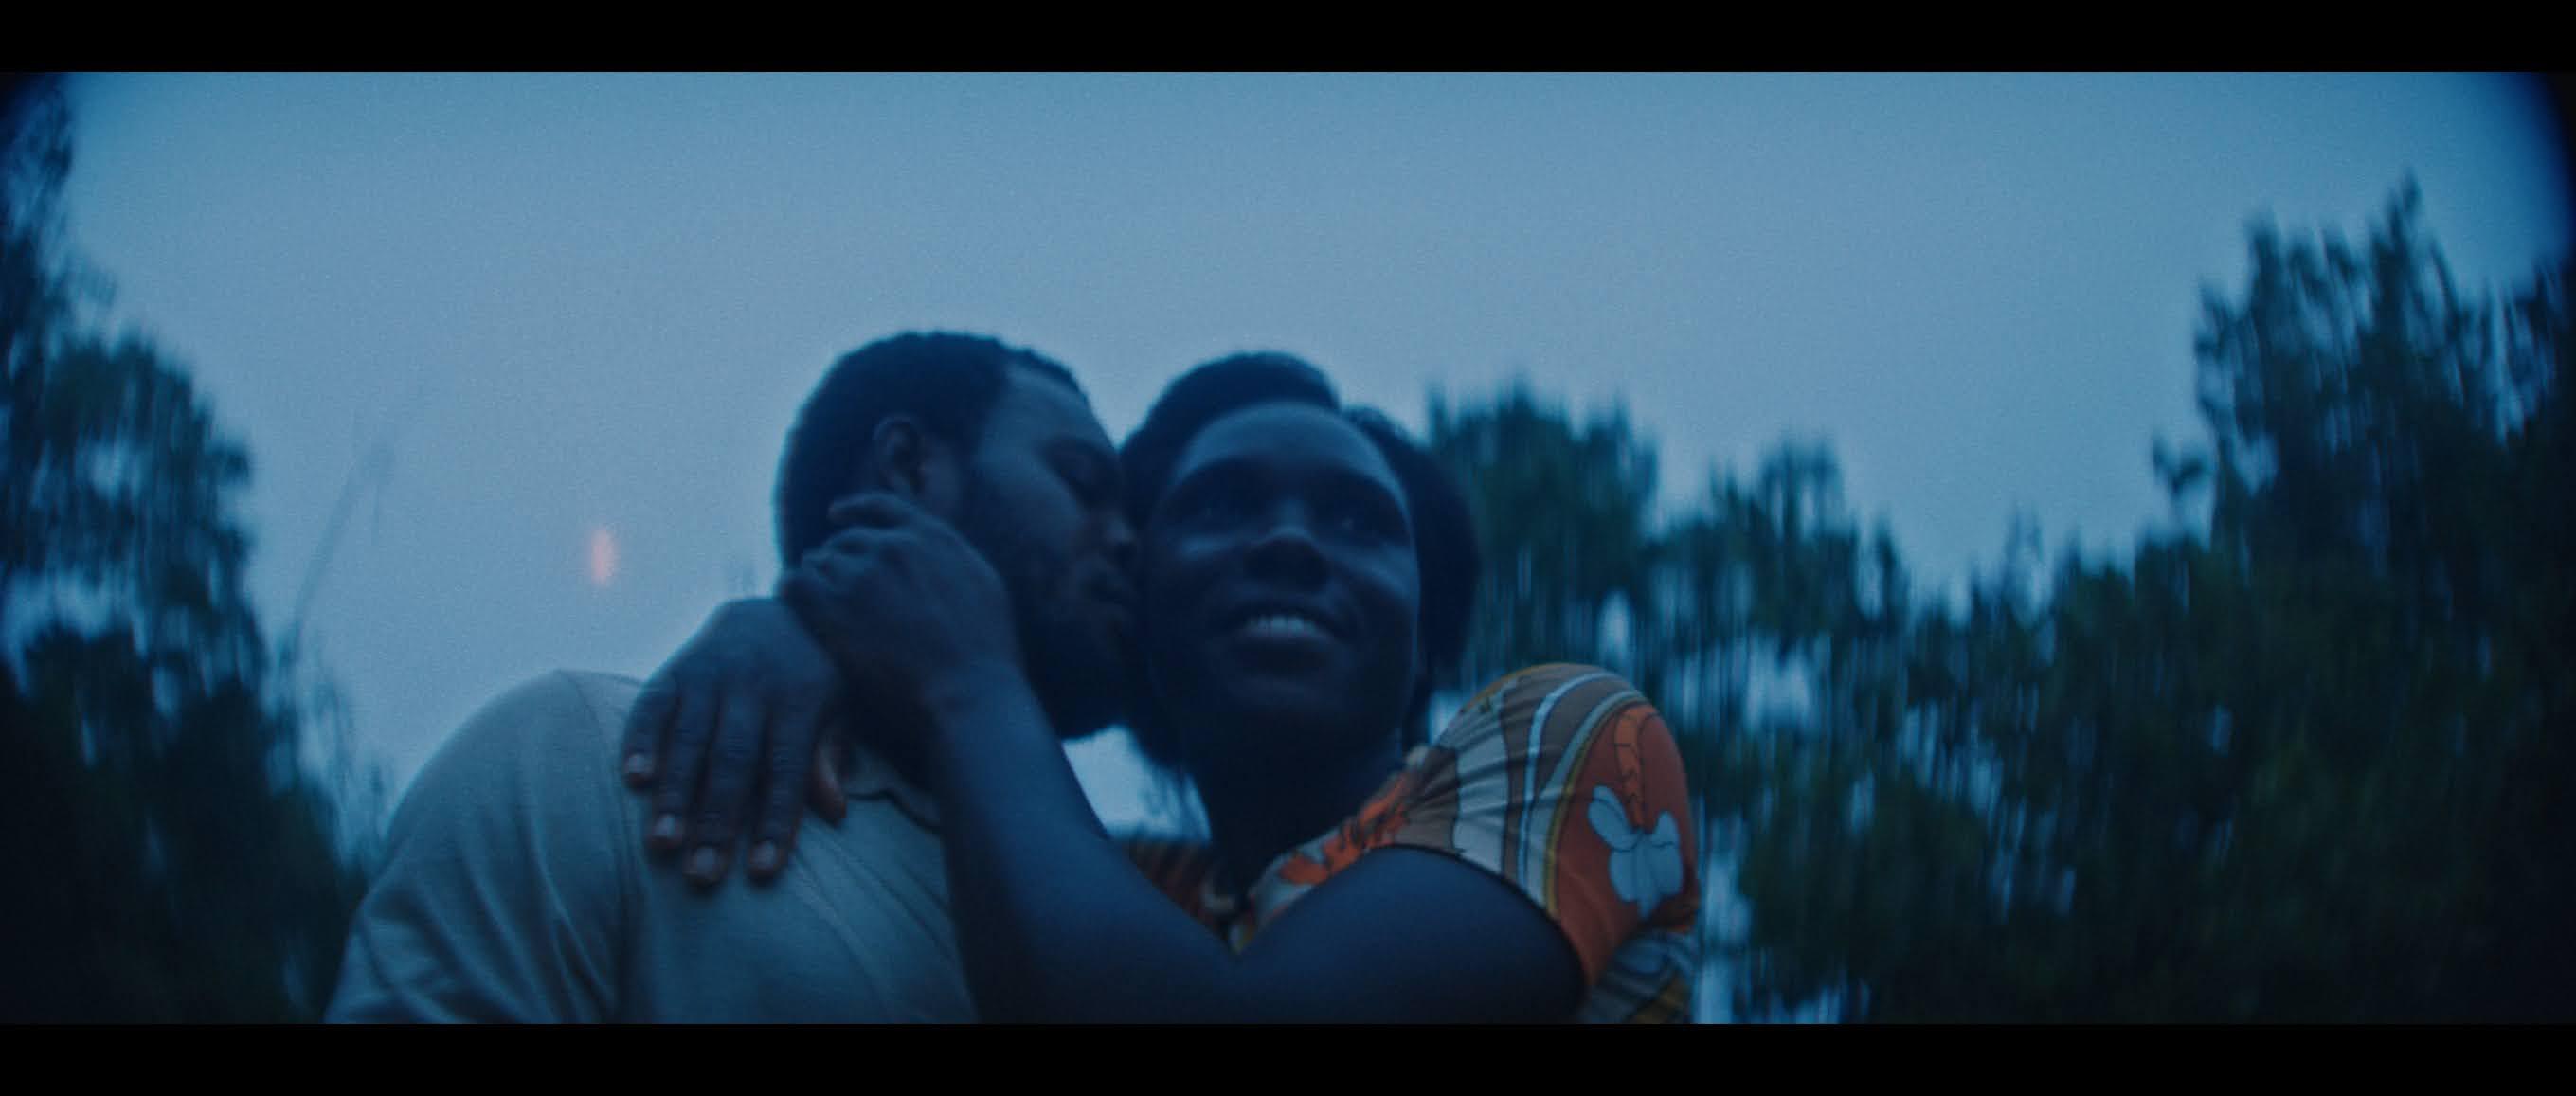 'Rodantes', longa dirigido por Leandro Lara, estreia dia 29 de Julho nos cinemas!